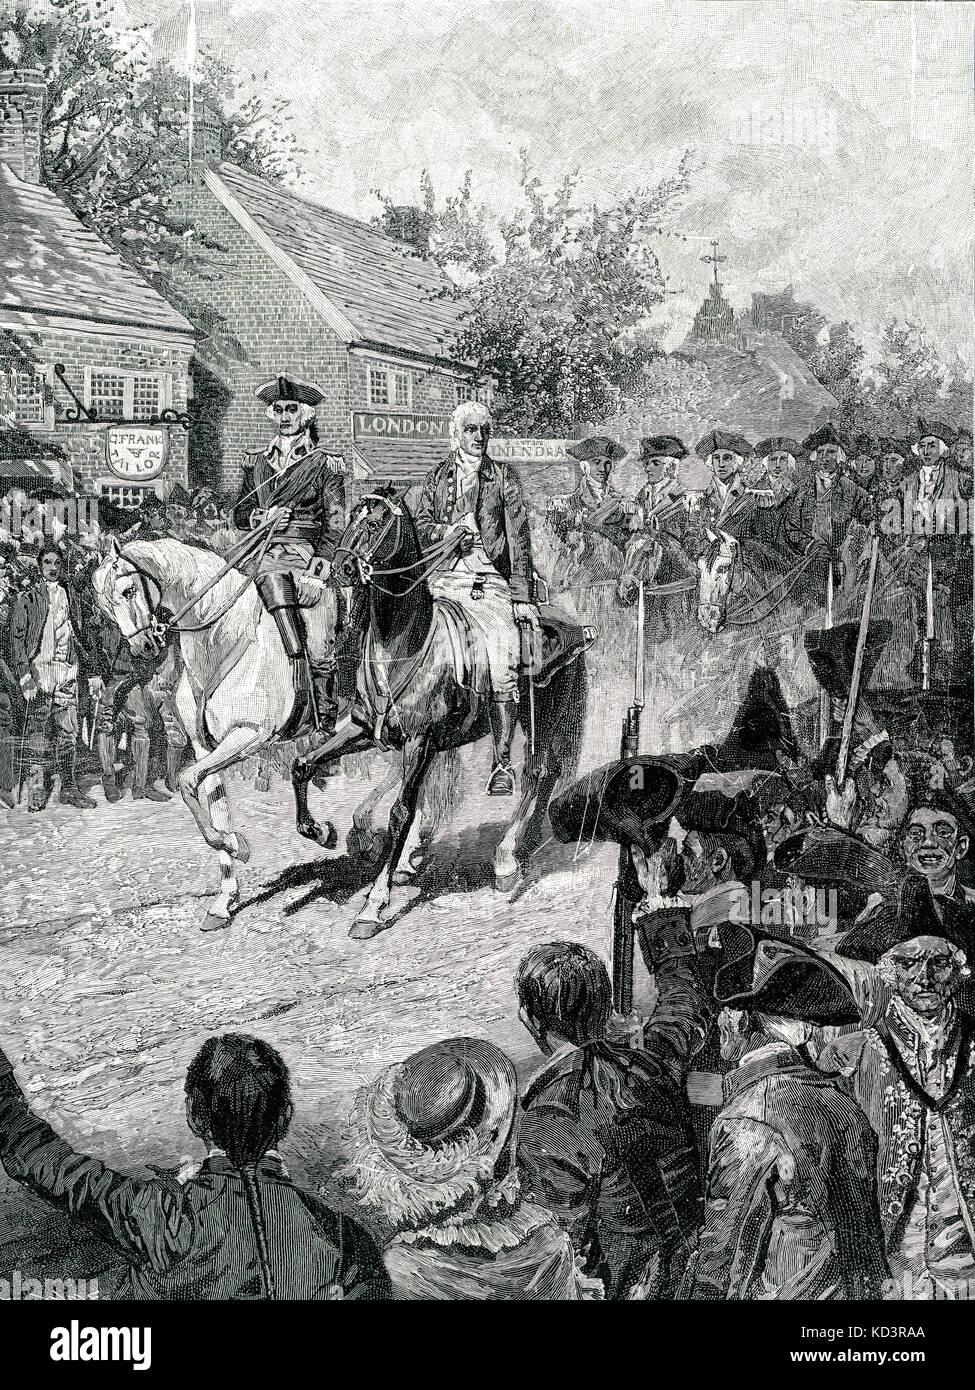 George Washington et George Clinton sont à la tête de la procession civile à New York, le 25 novembre 1783. Les forces de Washington prennent la posession de New York à la fin de la Révolution américaine. Évacuation britannique de New York. Illustration de Howard Pyle, 1896 Banque D'Images